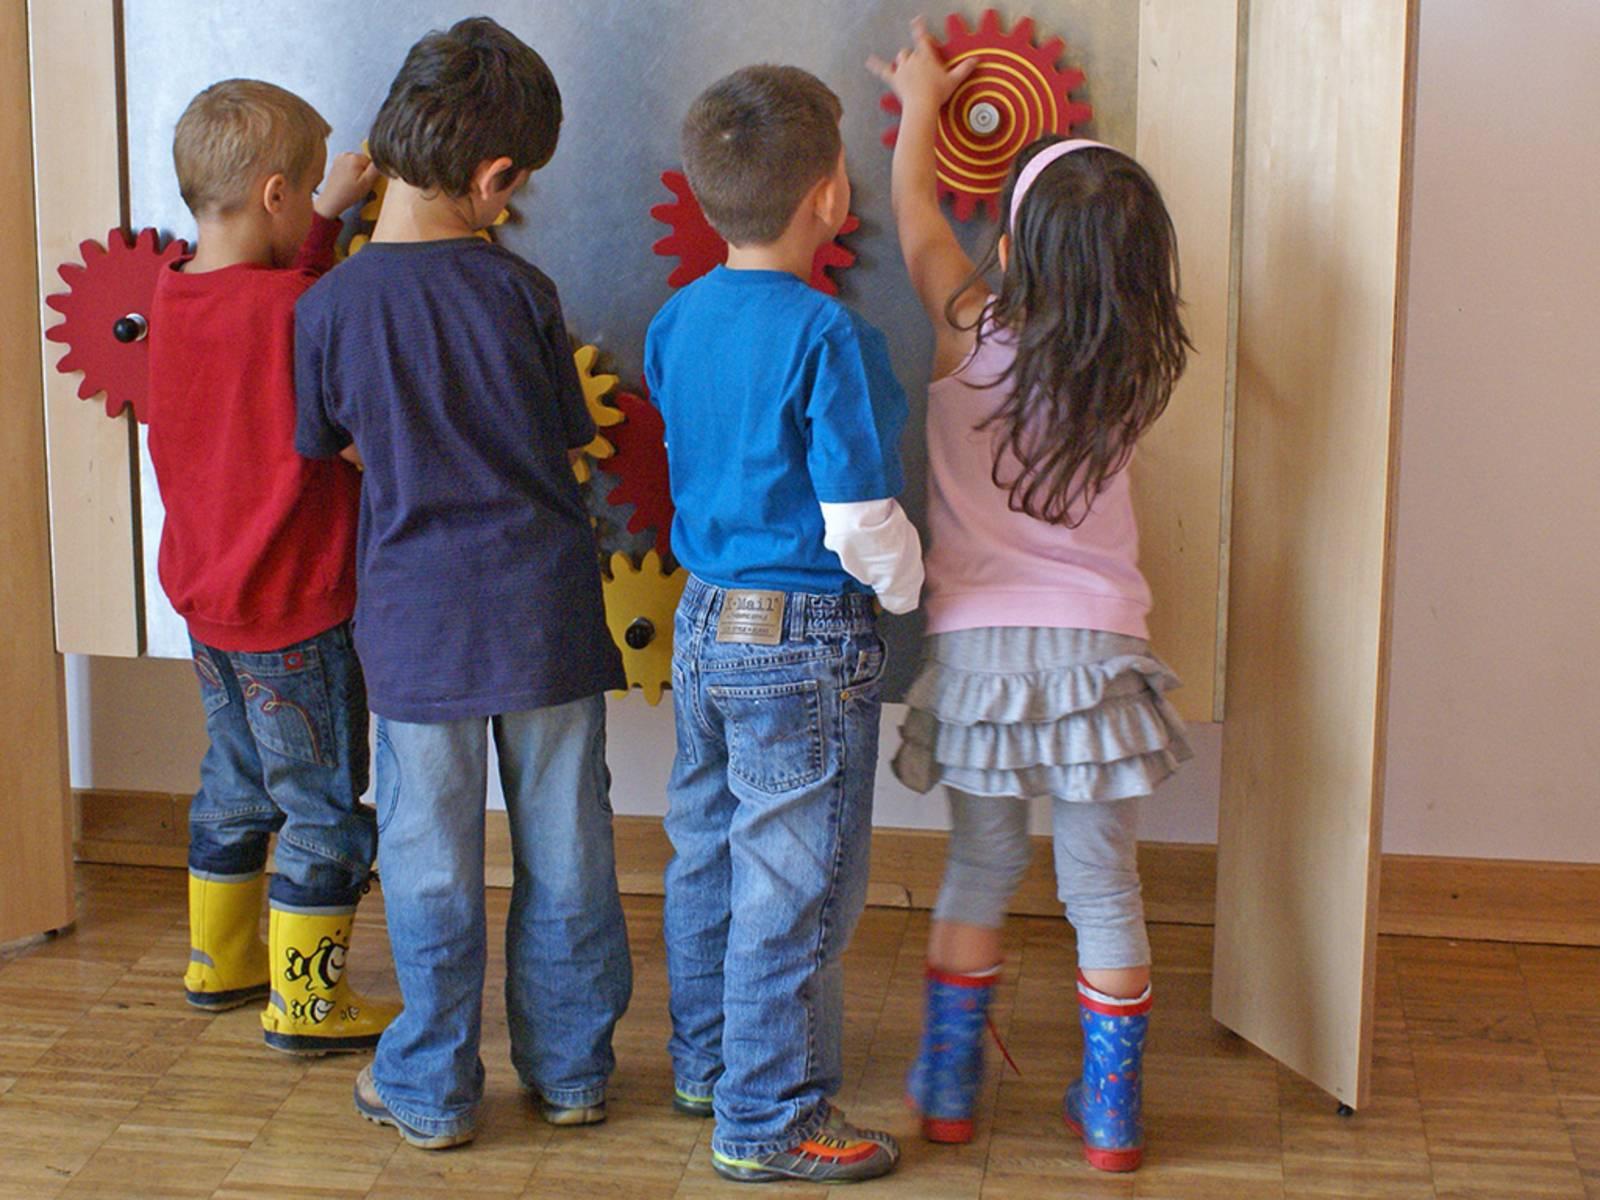 Drei Jungen und ein Mädchen probieren bunt angemalte Holzzahnräder aus, die an einer Ausstellungswand verschraubt sind.